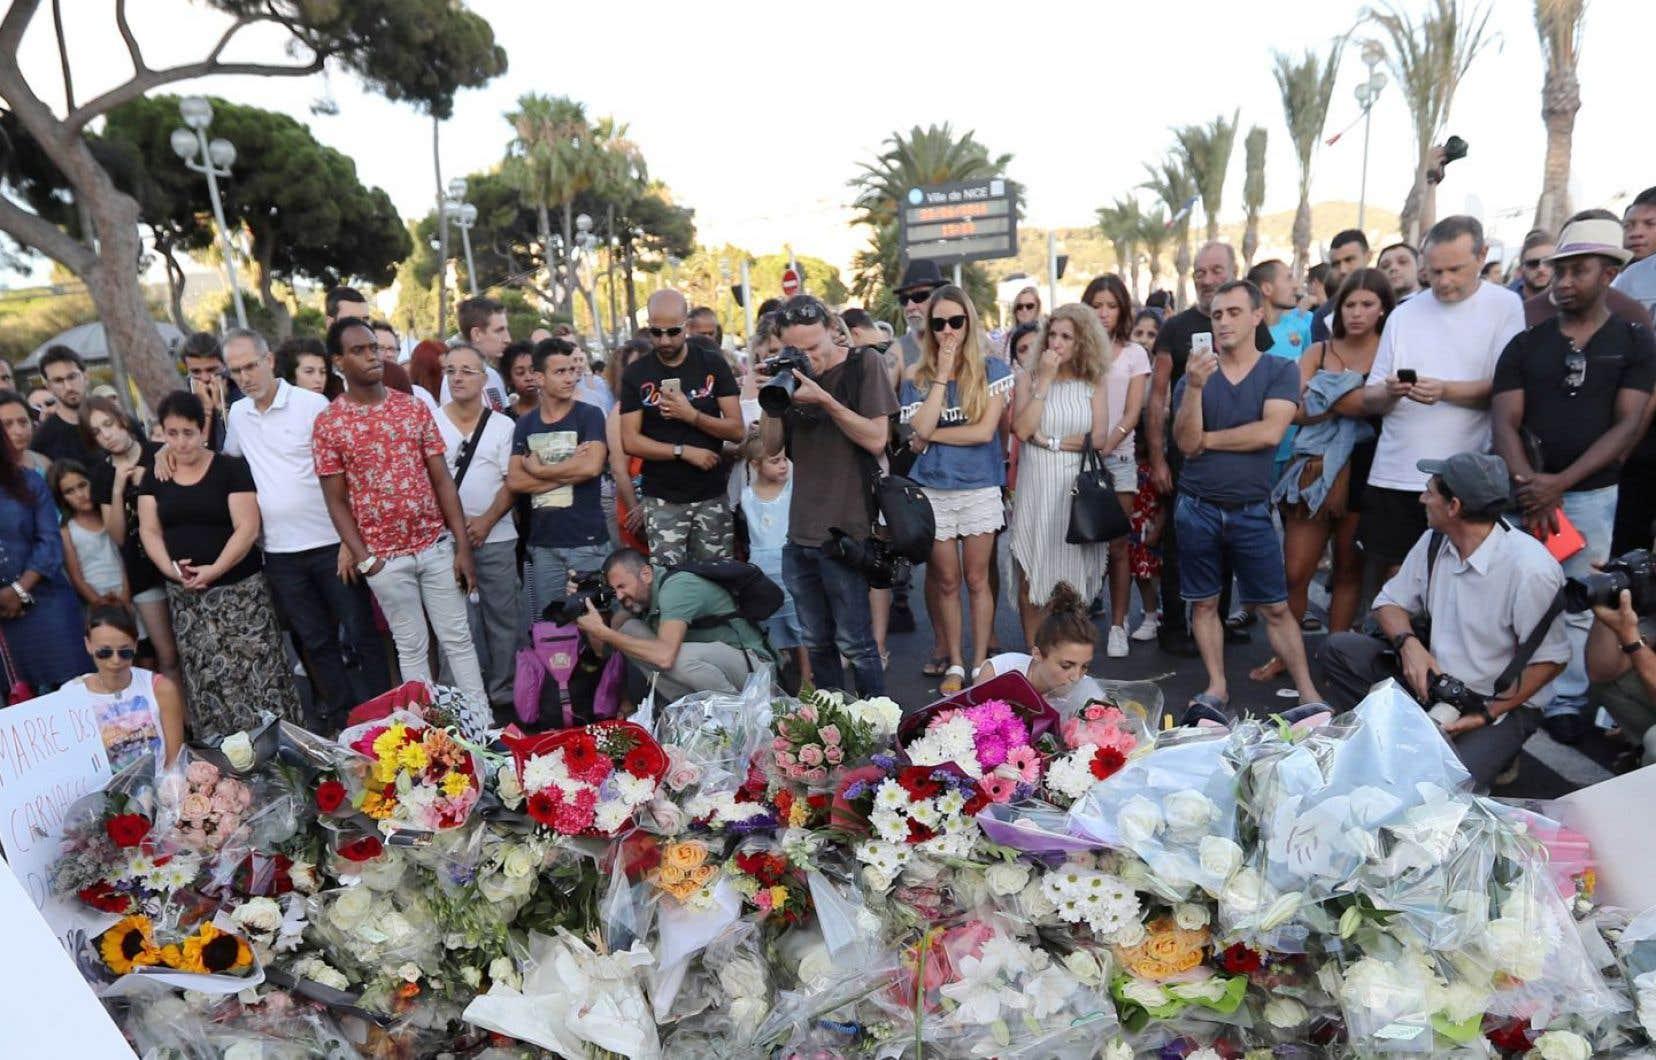 Selon des experts, le cas du tueur de la promenade des Anglais à Nice le 14 juillet, par exemple, relèvedavantage de la névrose, de la maladie mentale ou de la fuite en avant mortifère que du véritable terrorisme islamiste.